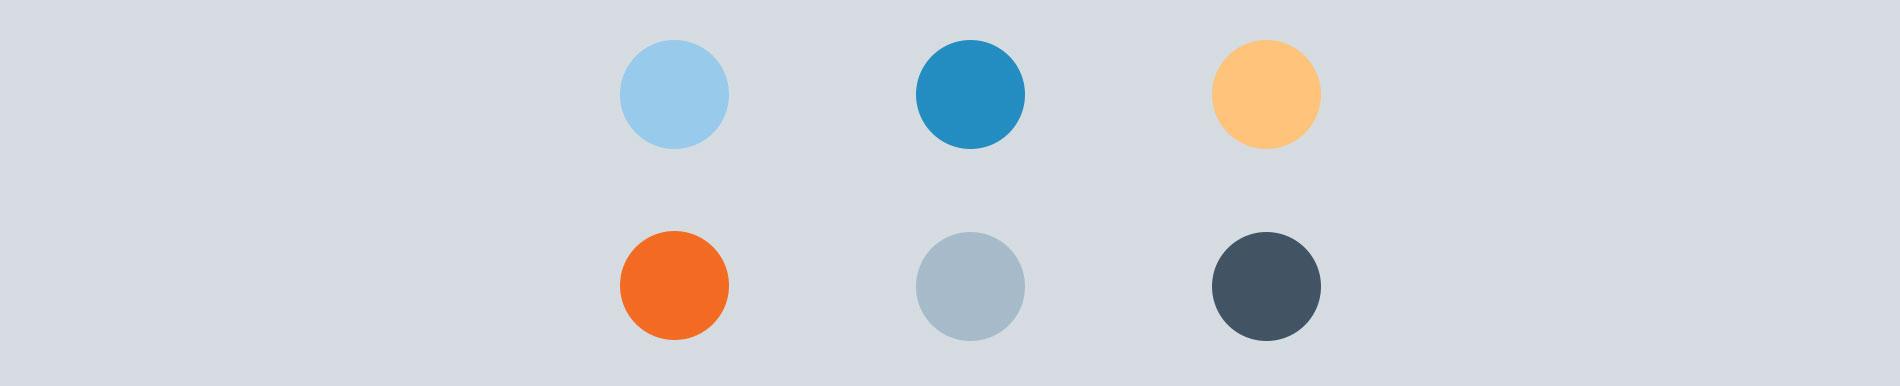 Qrons color palette